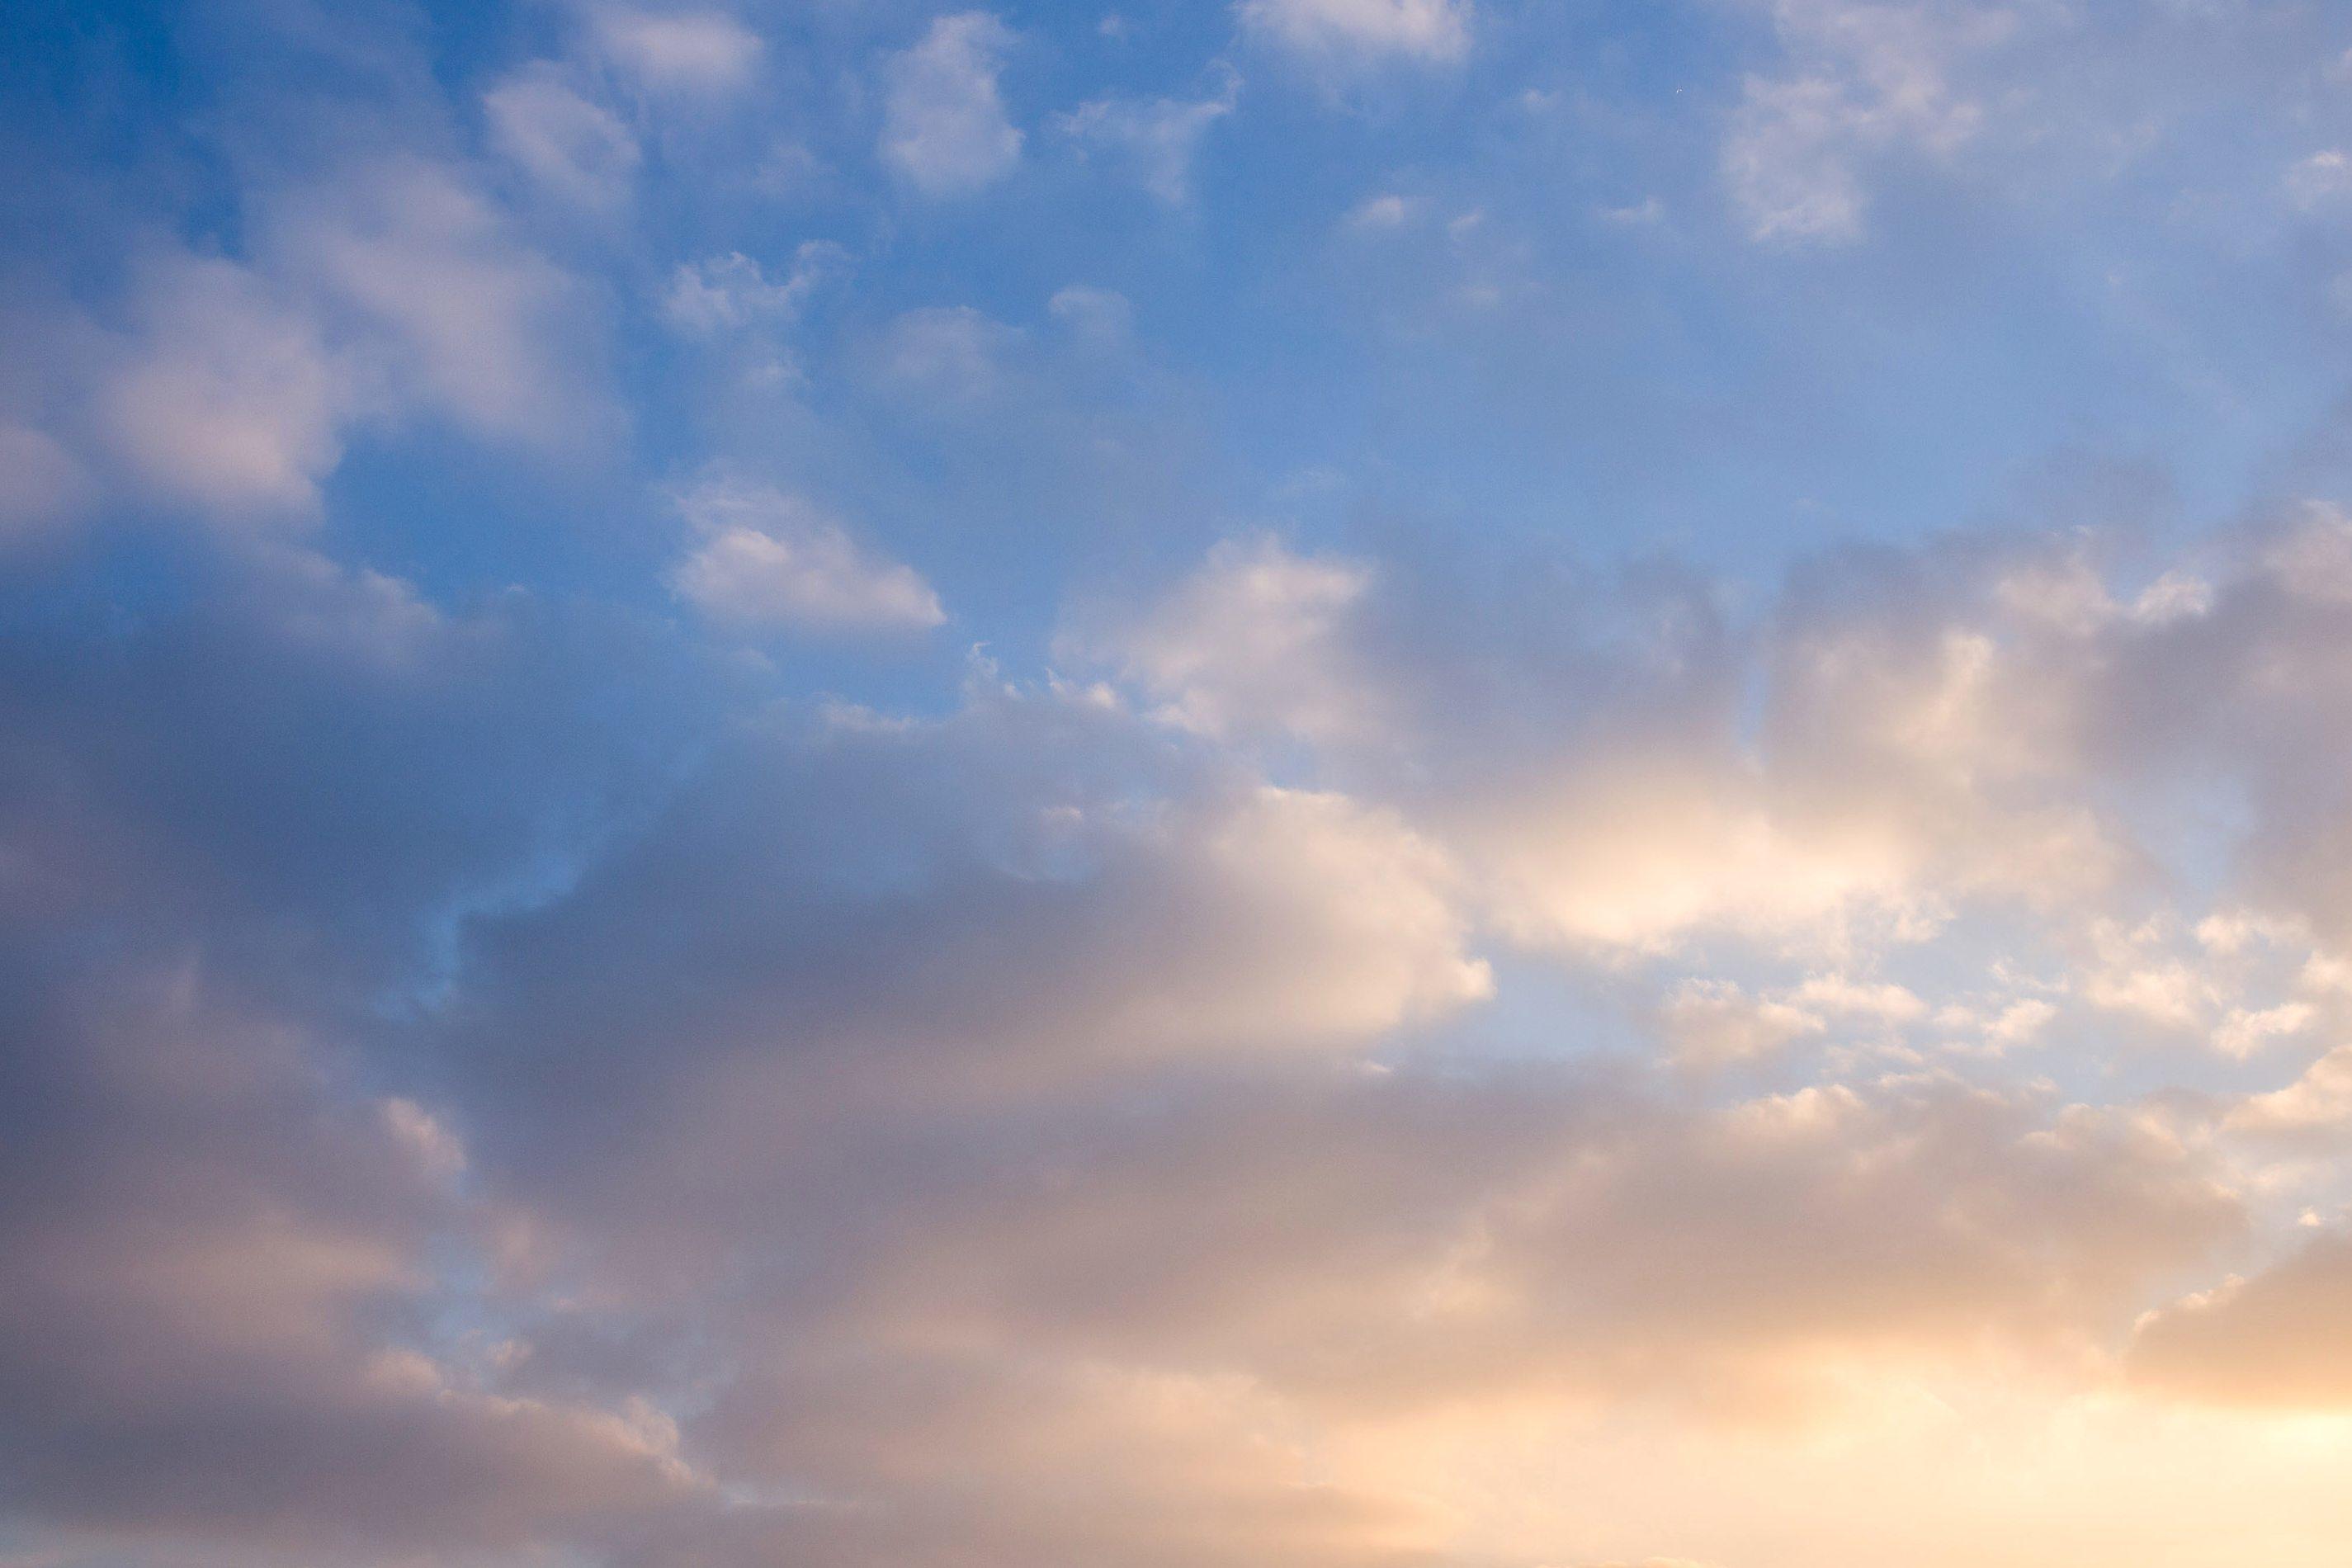 Clouds Blue Sky Atmosphere Ozone Meteorology Cloud Light